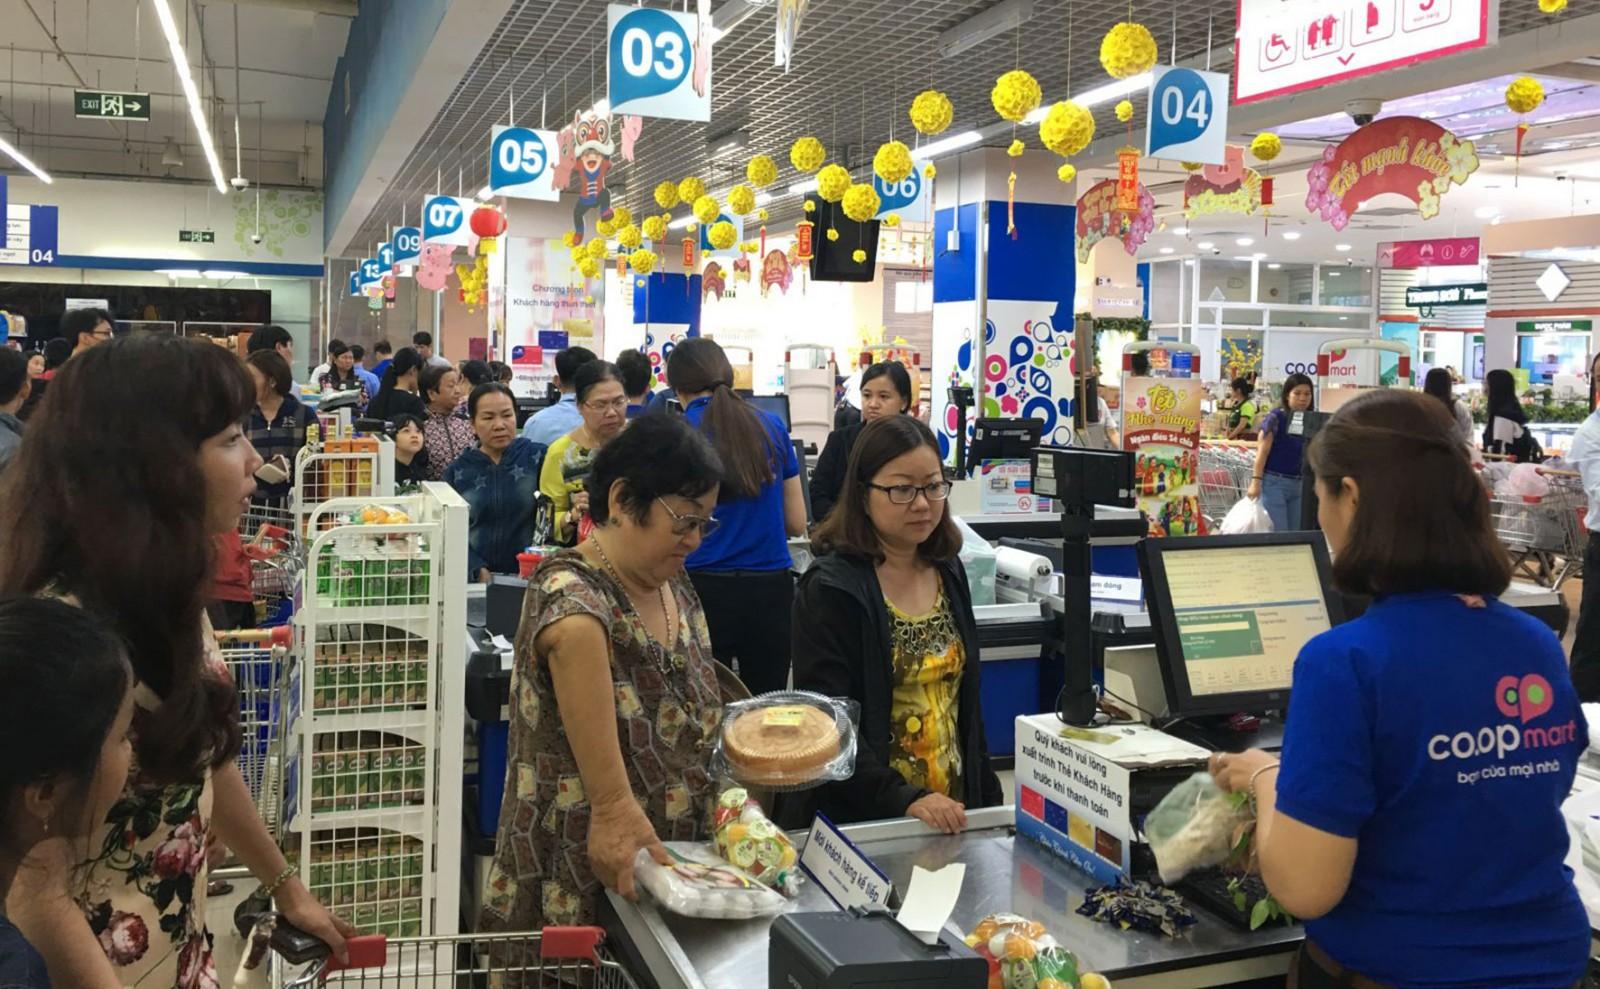 Hoạt động kinh doanh tại siêu thị Co.opmart Cần Thơ sau Tết Nguyên đán. Ảnh: KHÁNH NAM